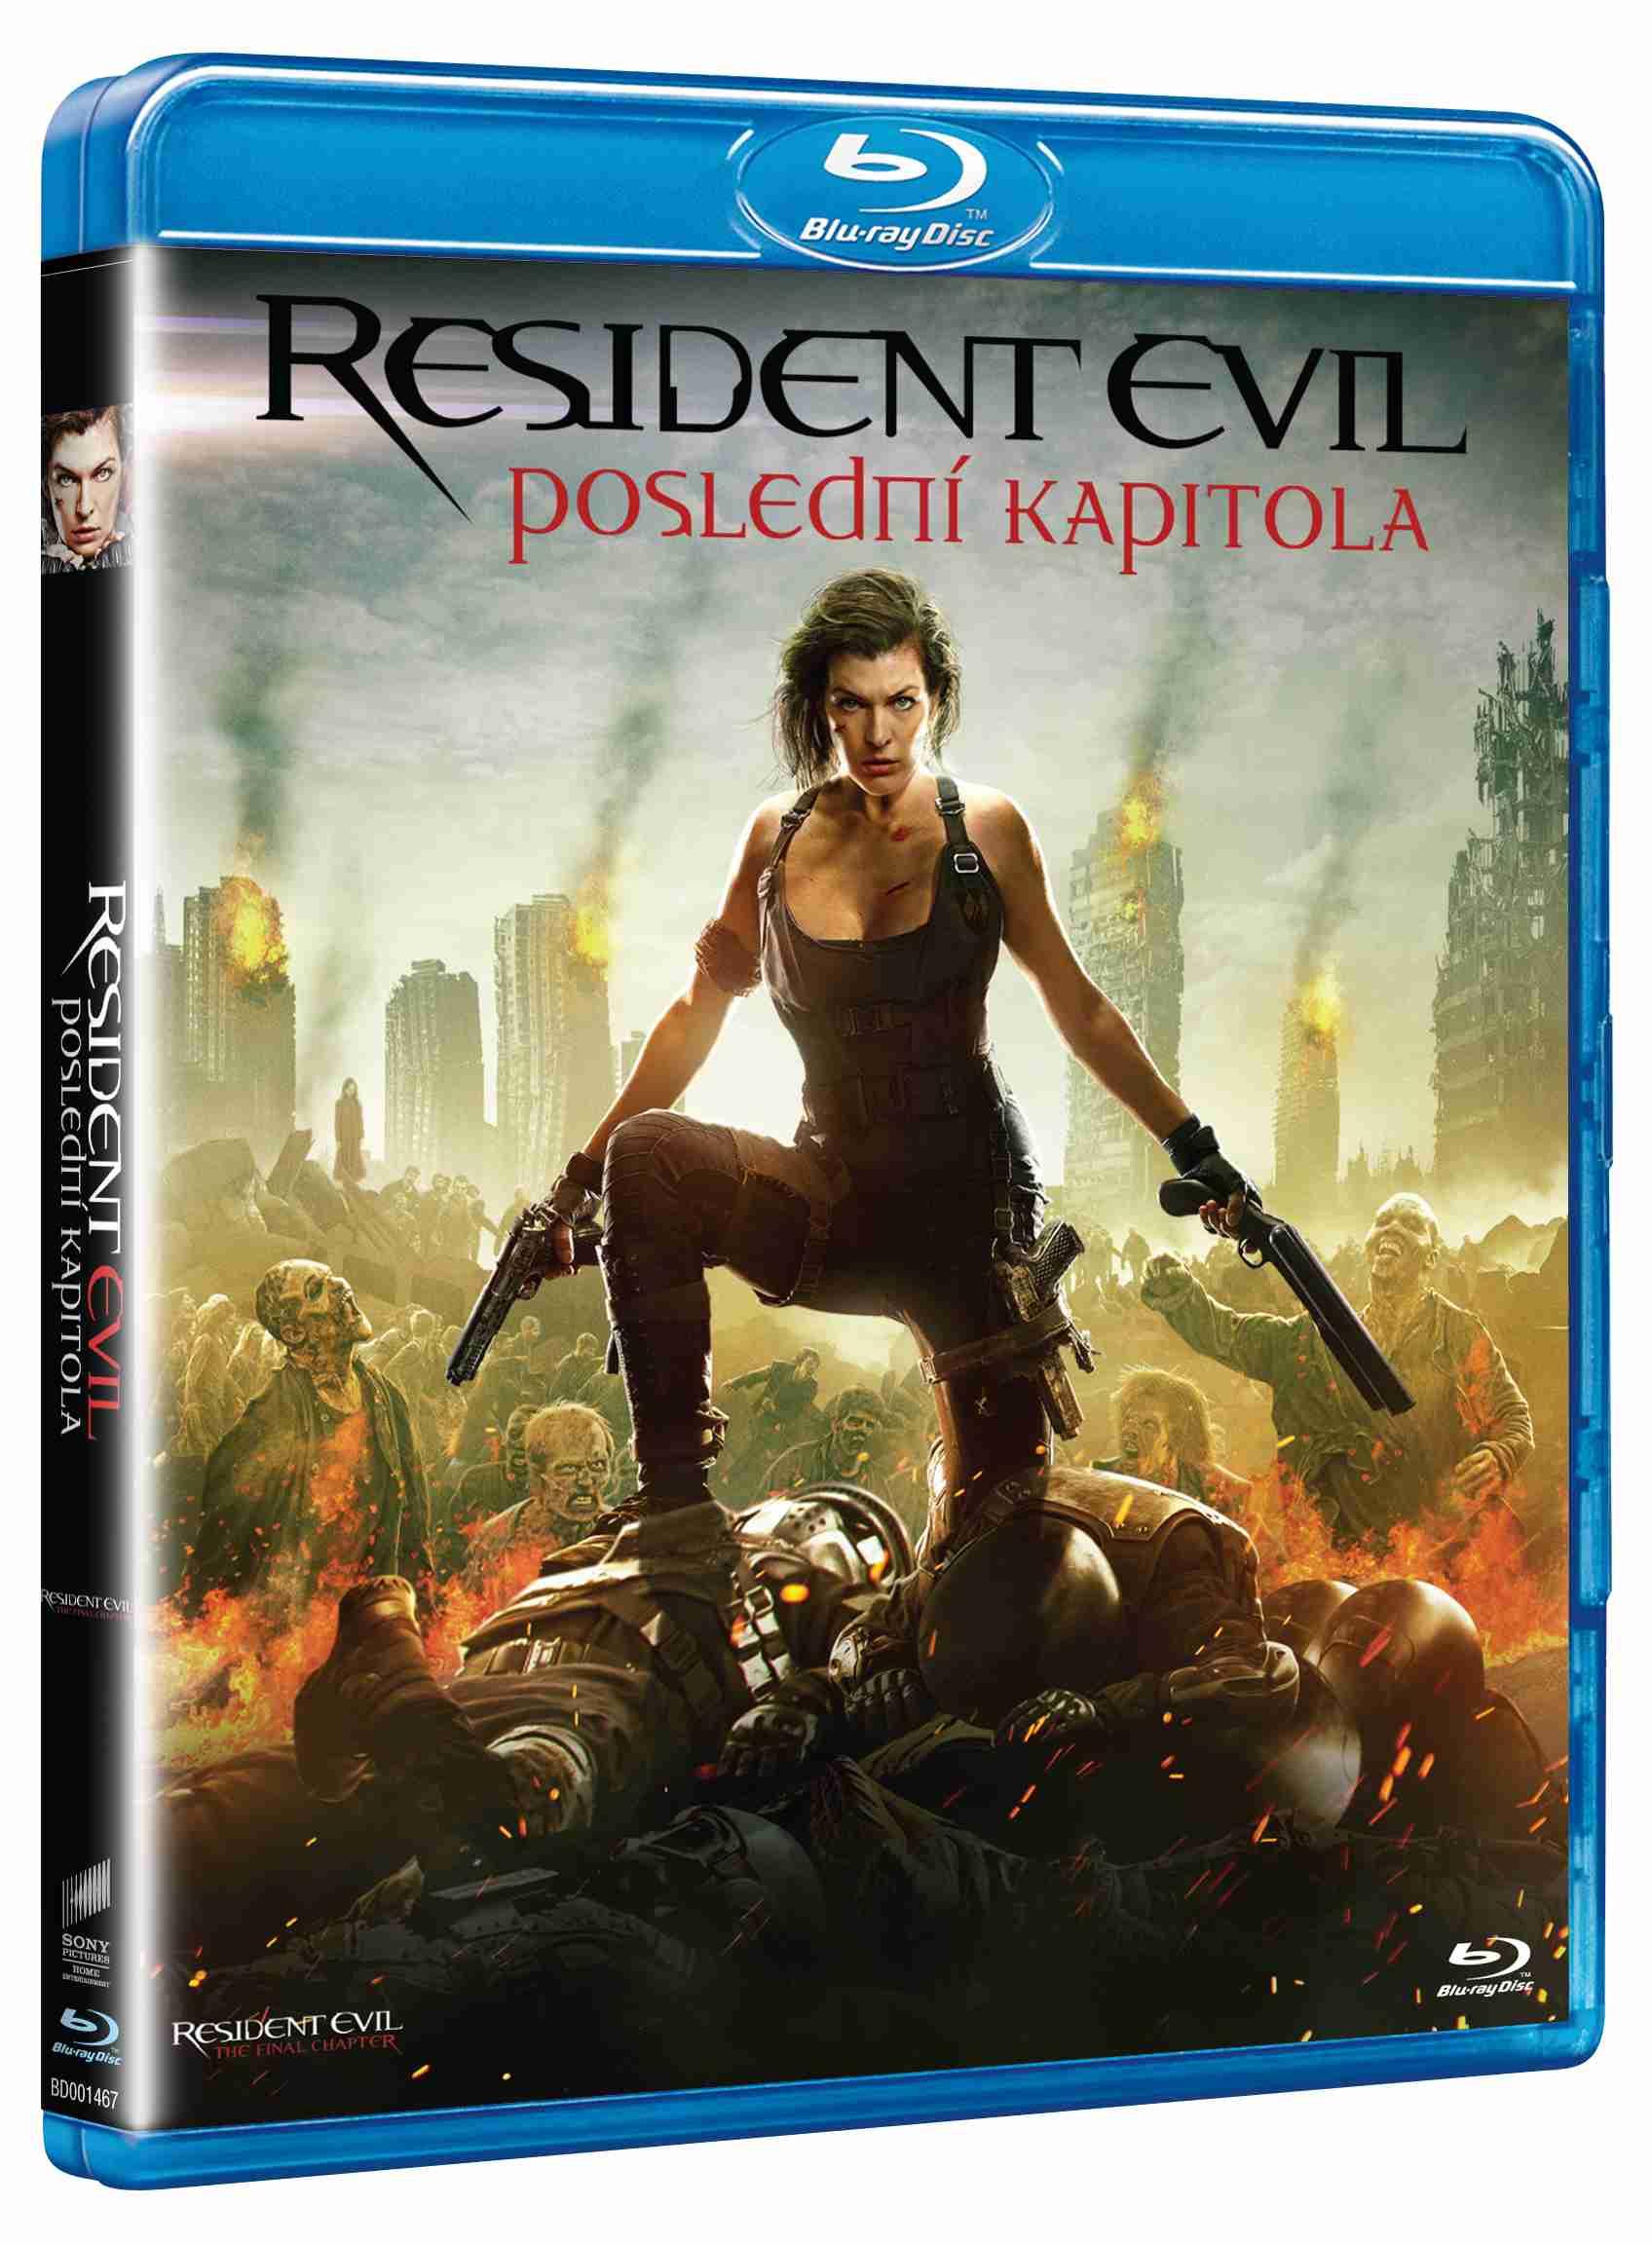 RESIDENT EVIL: POSLEDNÍ KAPITOLA - Blu-ray